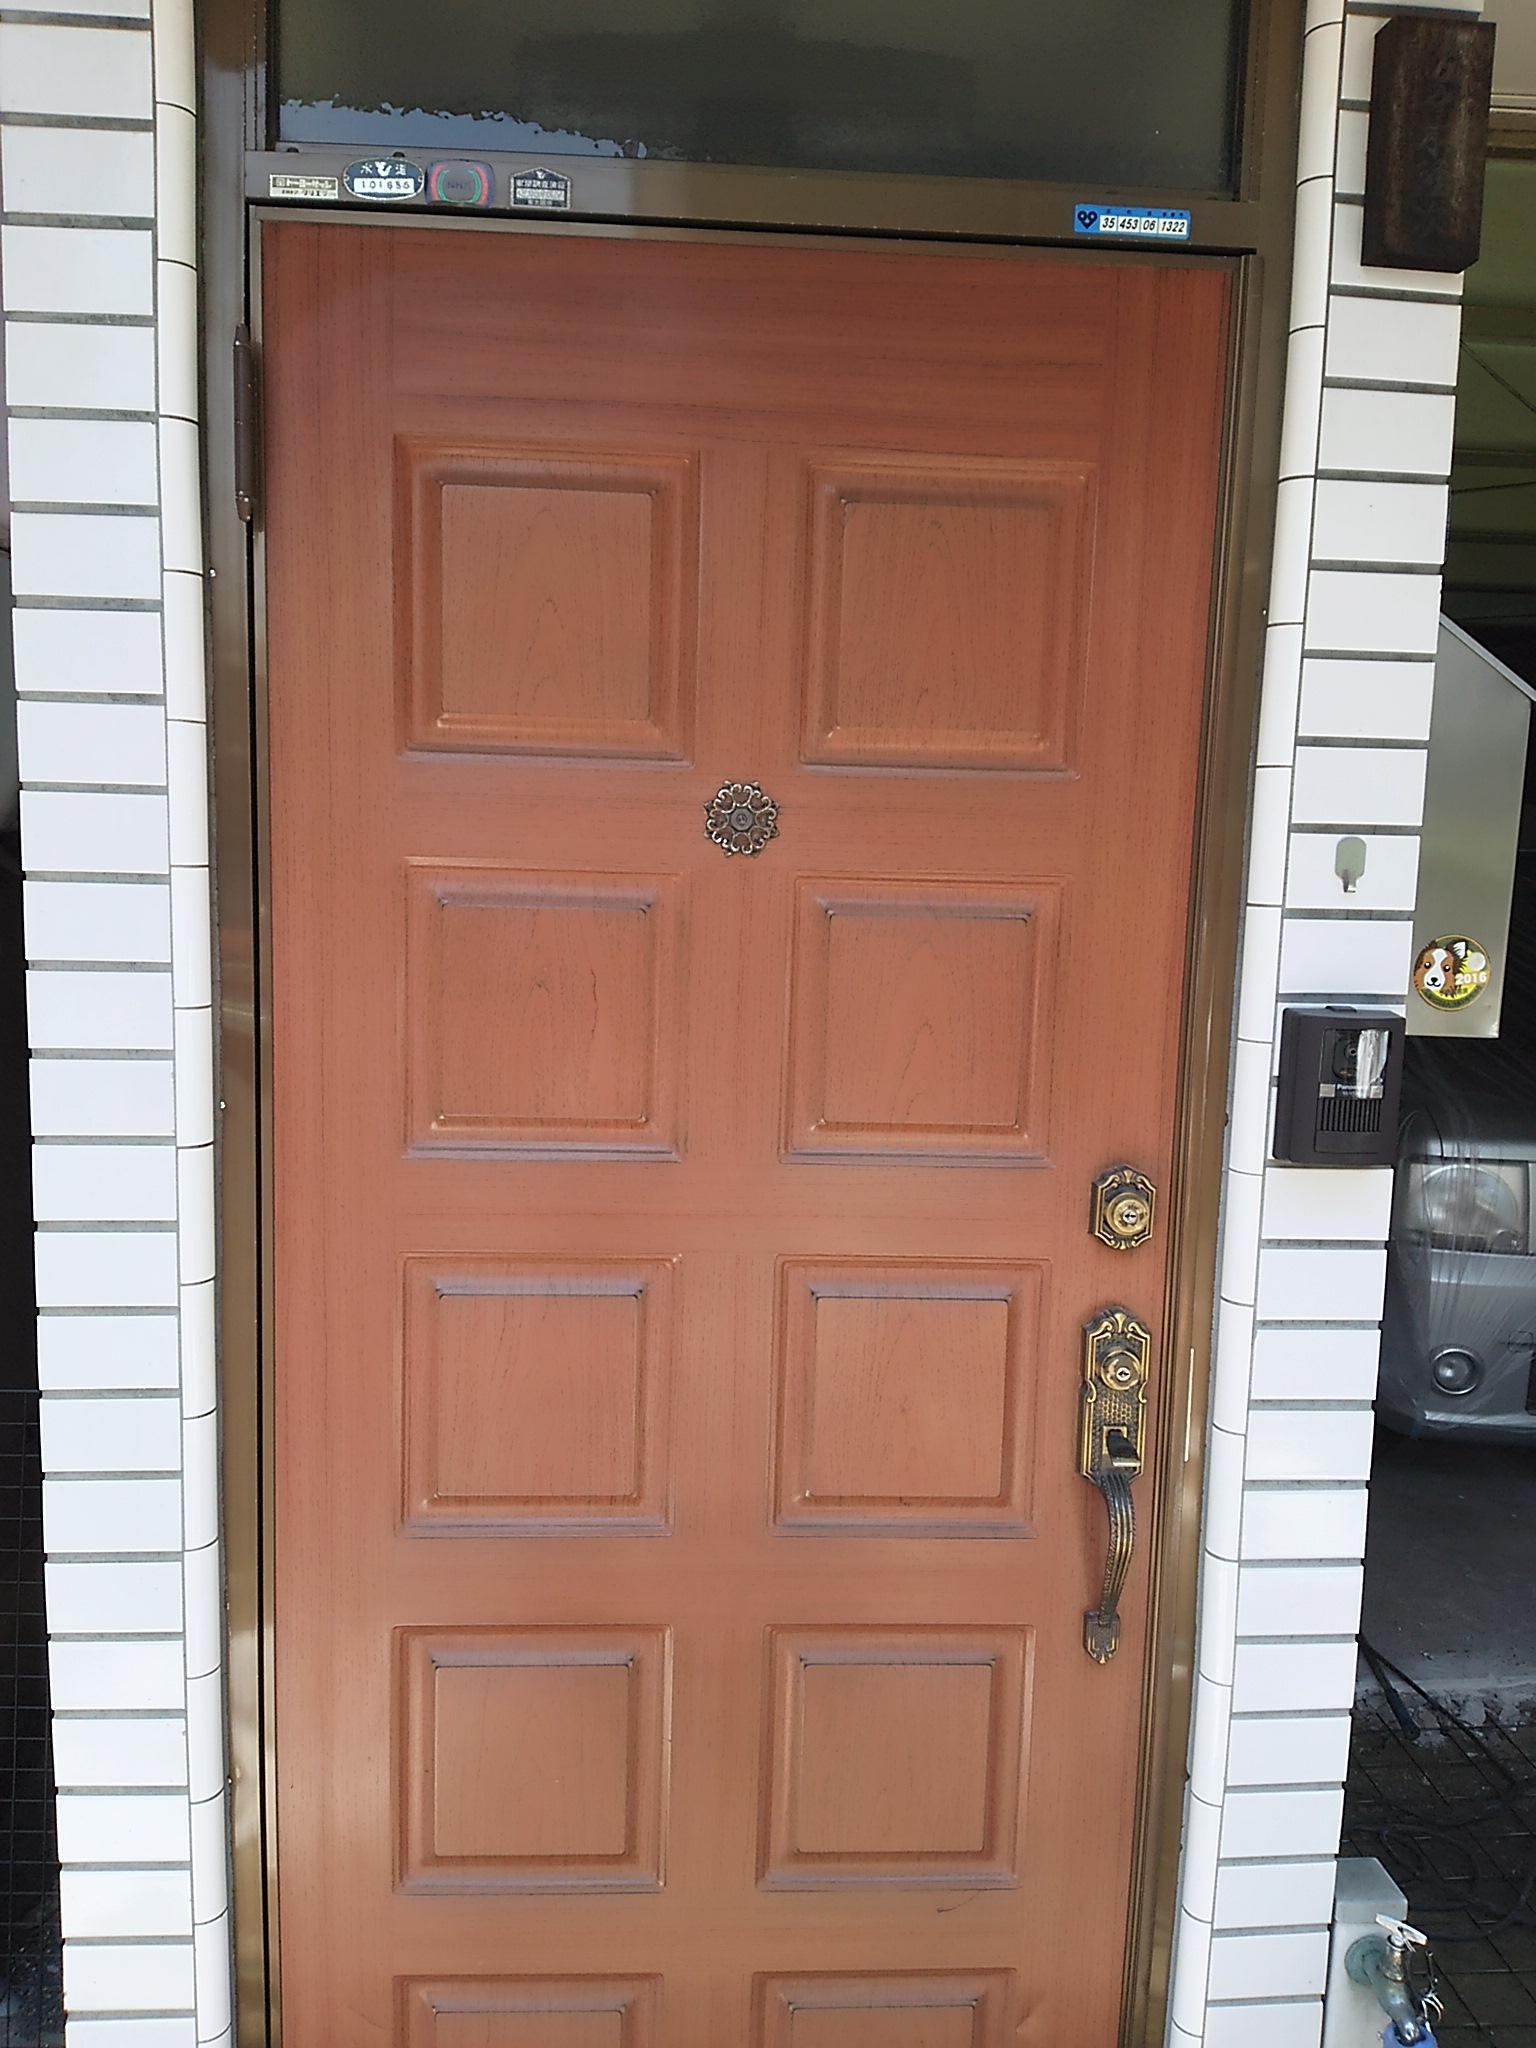 東大阪市 S様邸 玄関ドア取替工事